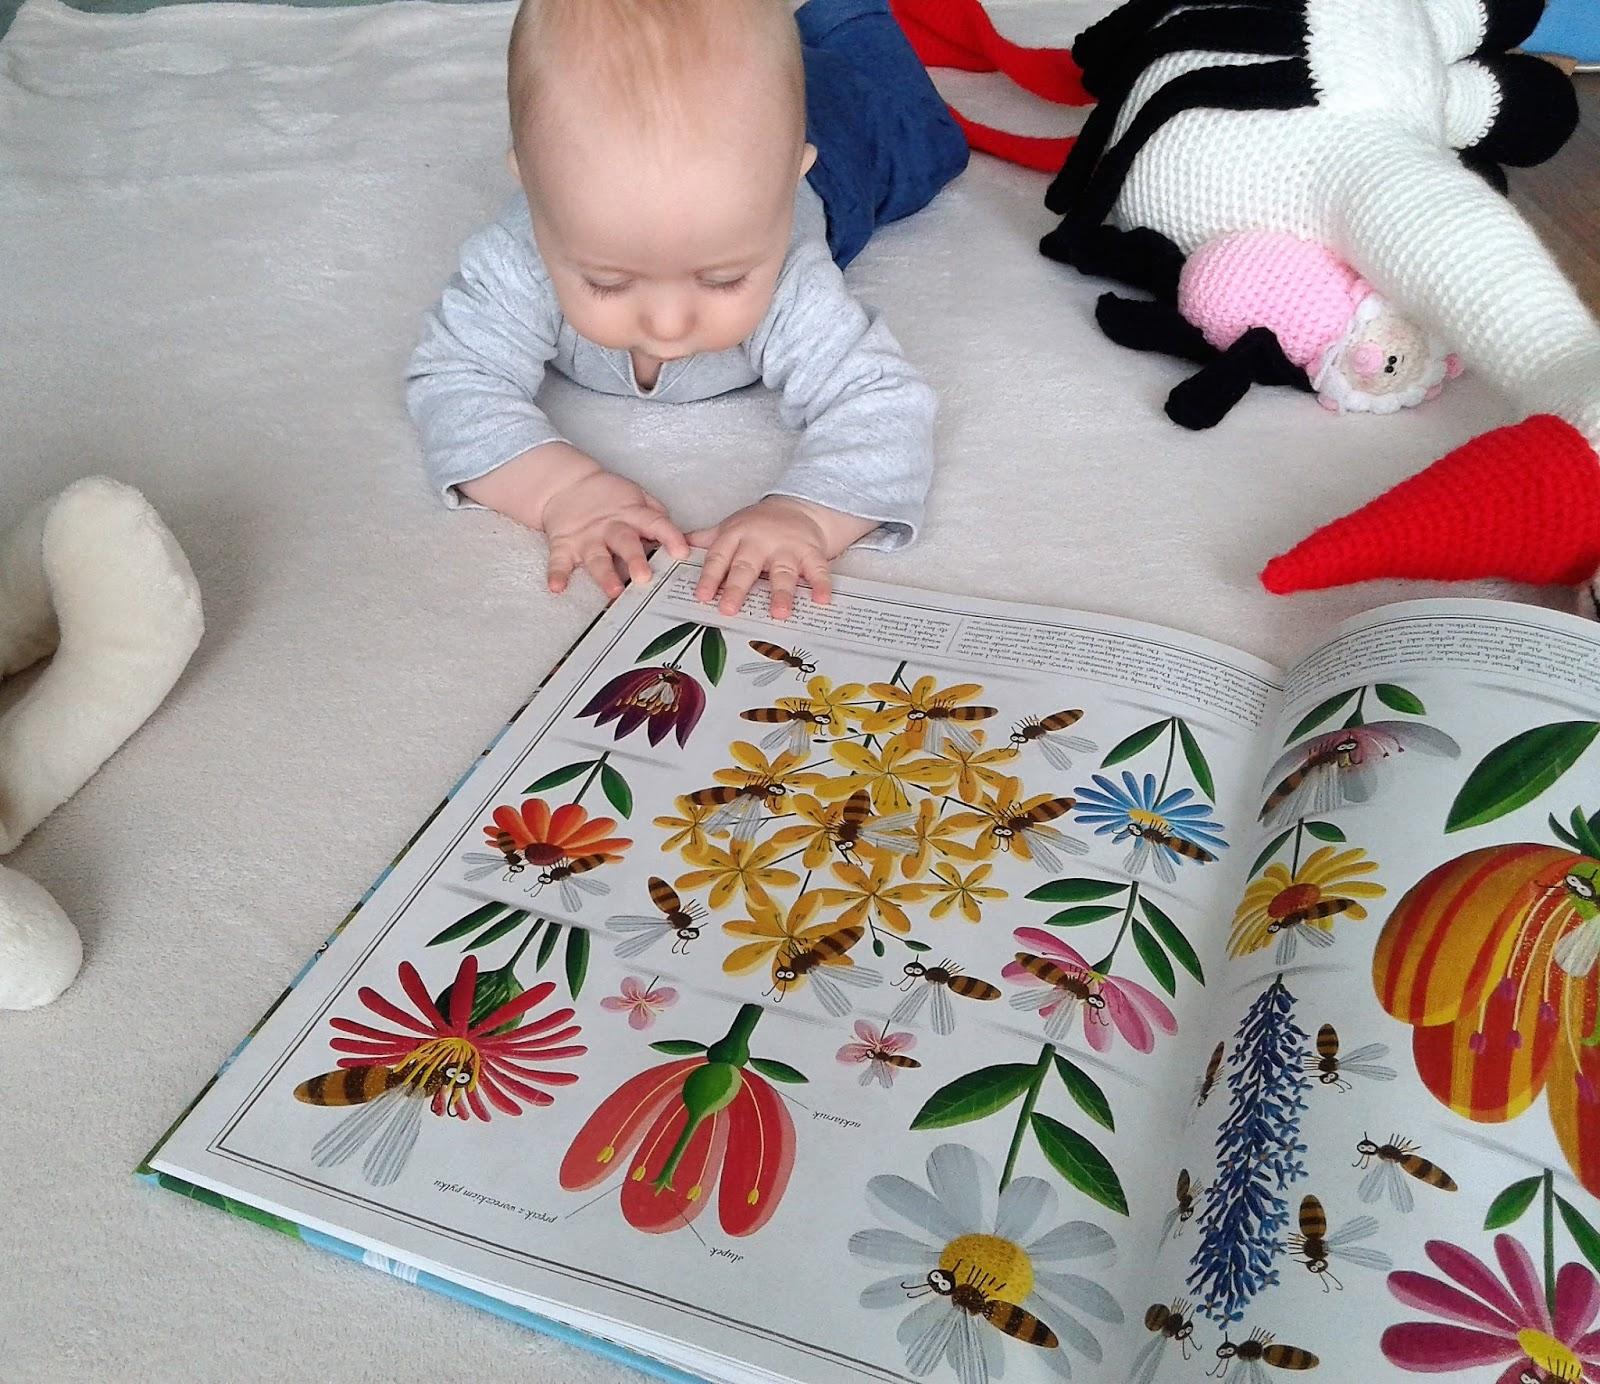 Opinia na temat książki Pszczoły